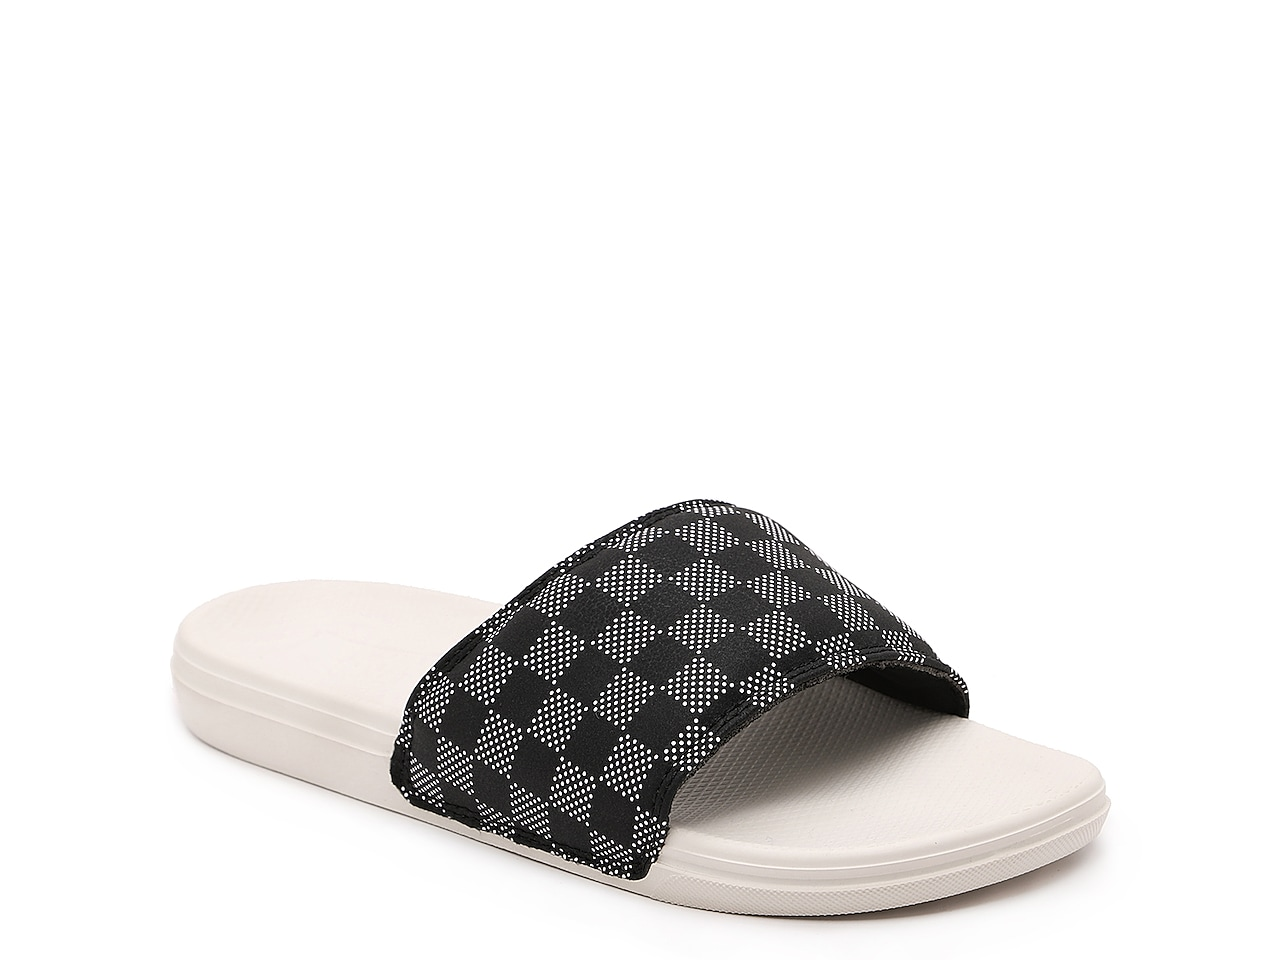 Vans Range Slide Sandal - Women's